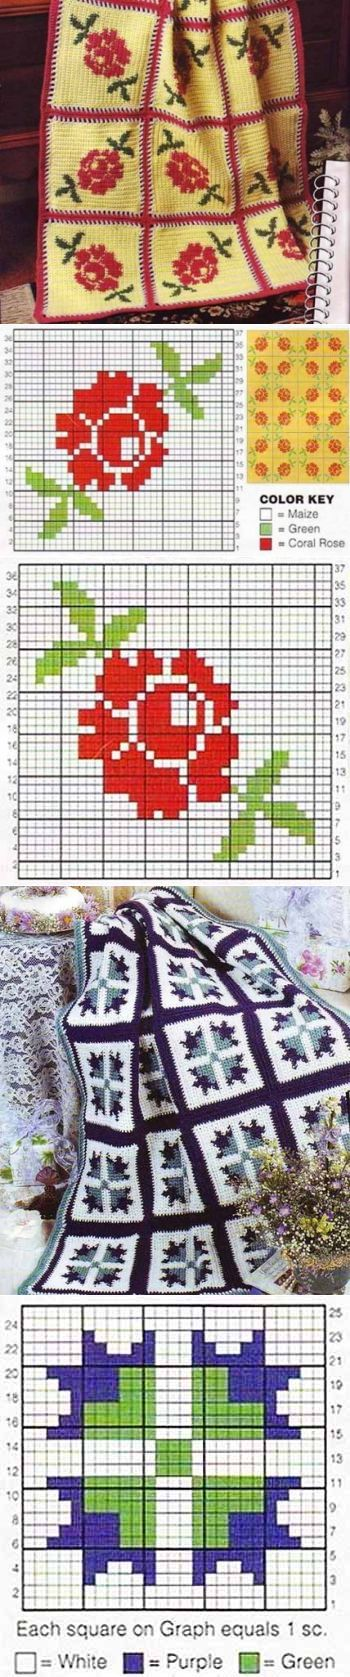 Плед из квадратов с цветами ...♥ Deniz ♥